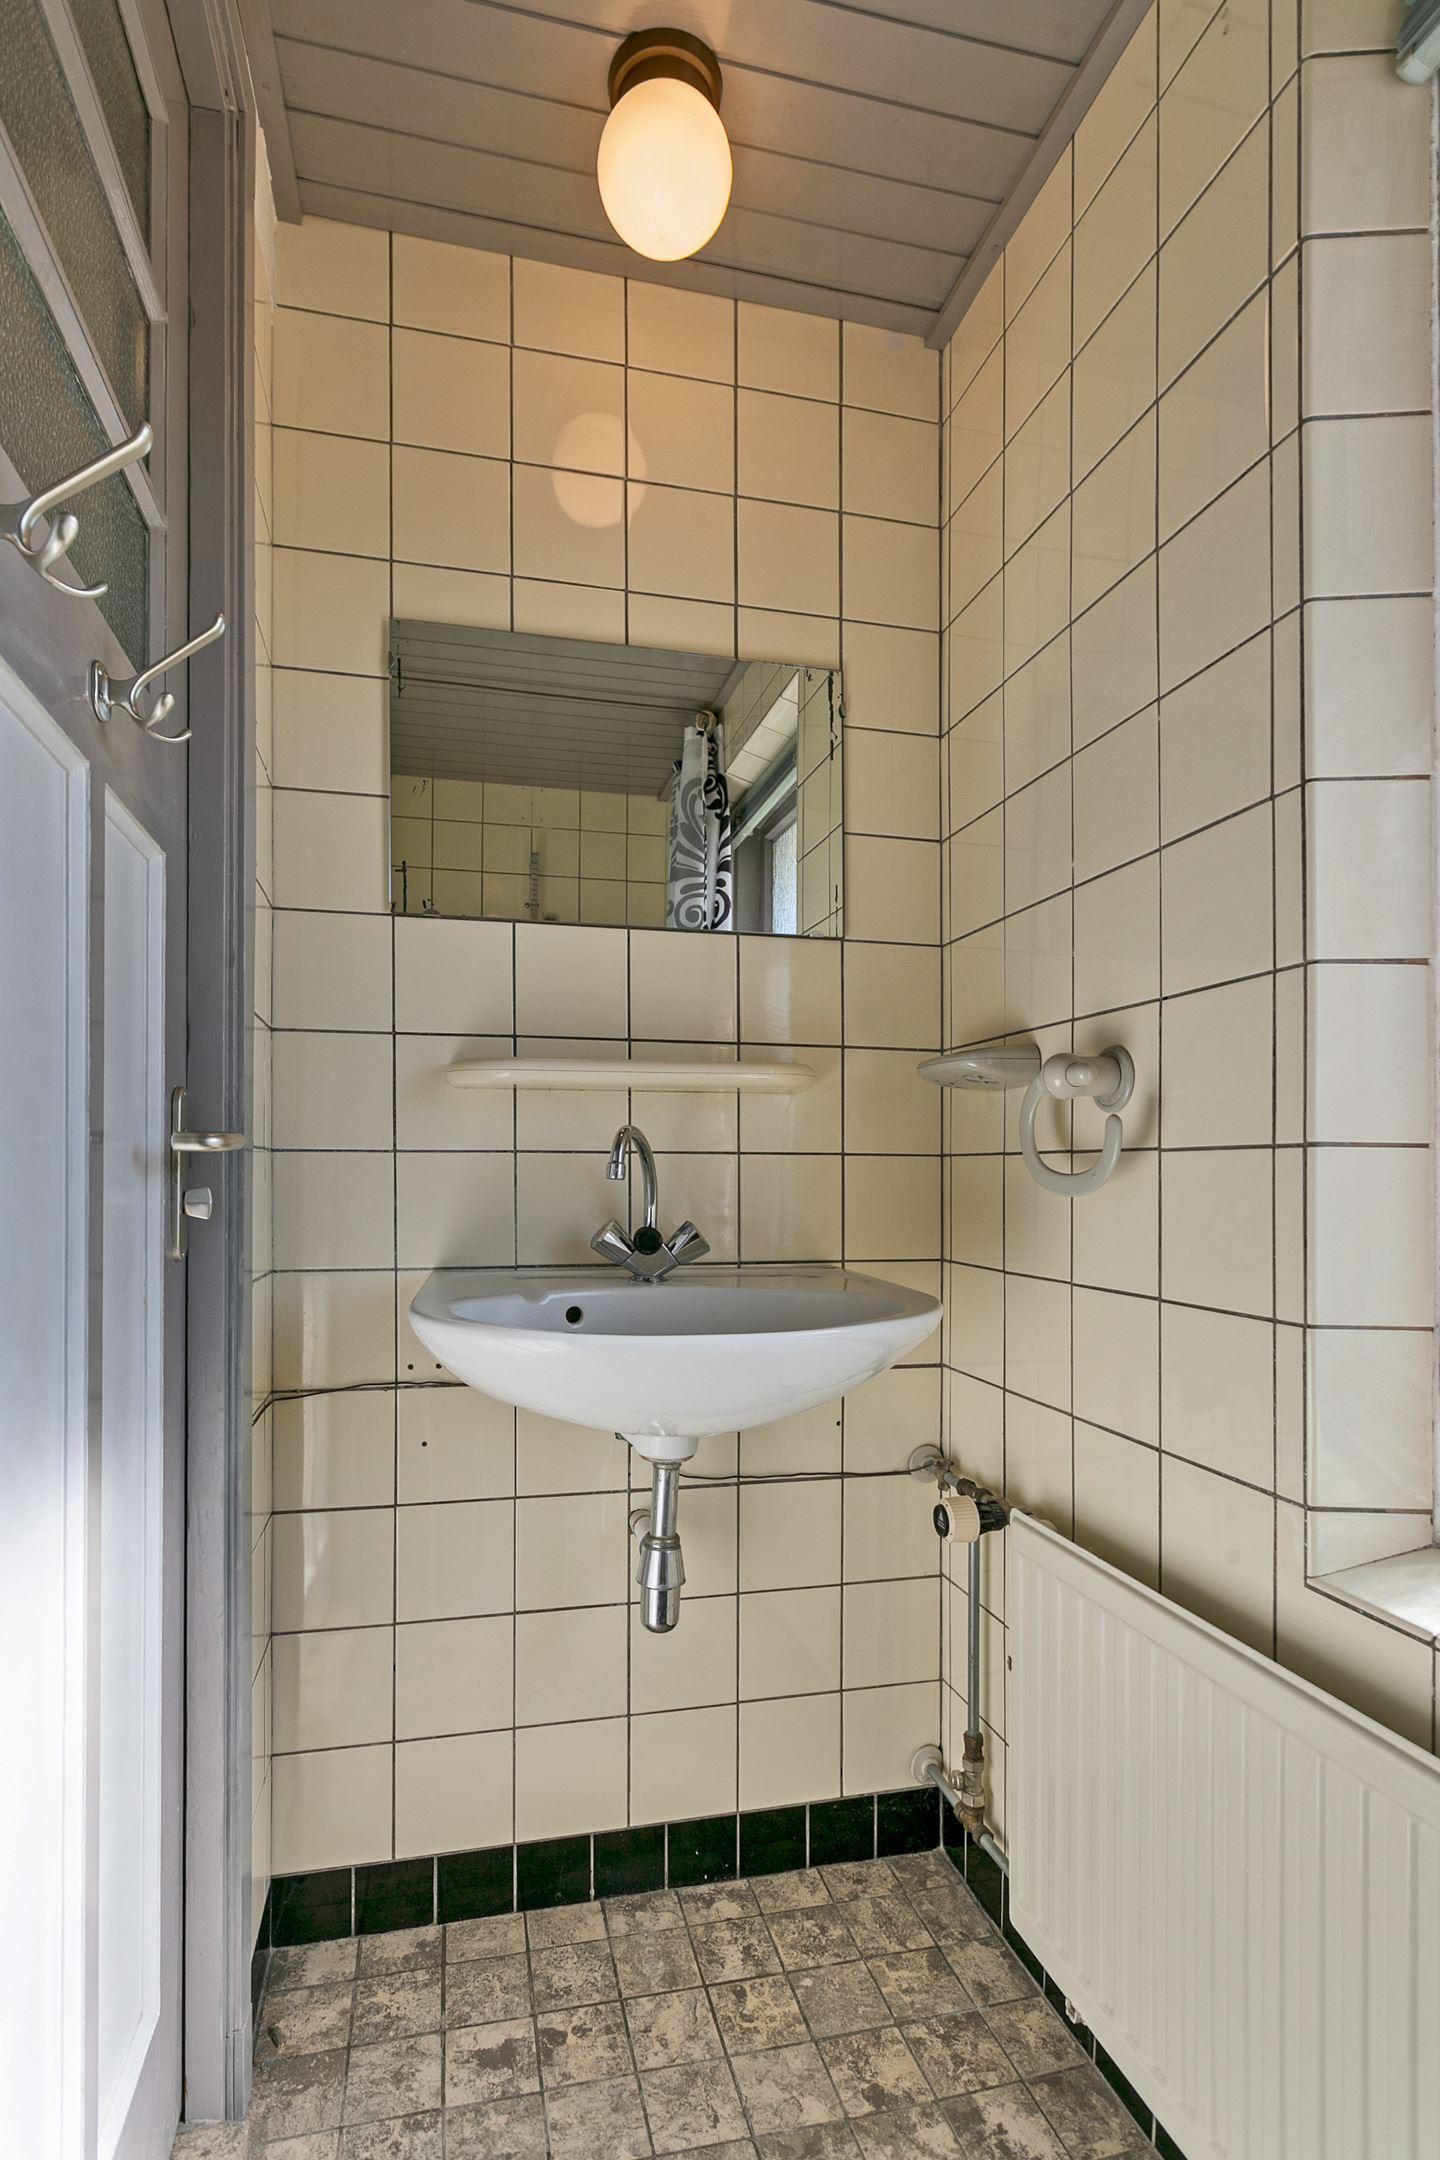 Huis te koop hatertseweg 582 6535 zw nijmegen funda for Woning te koop nijmegen